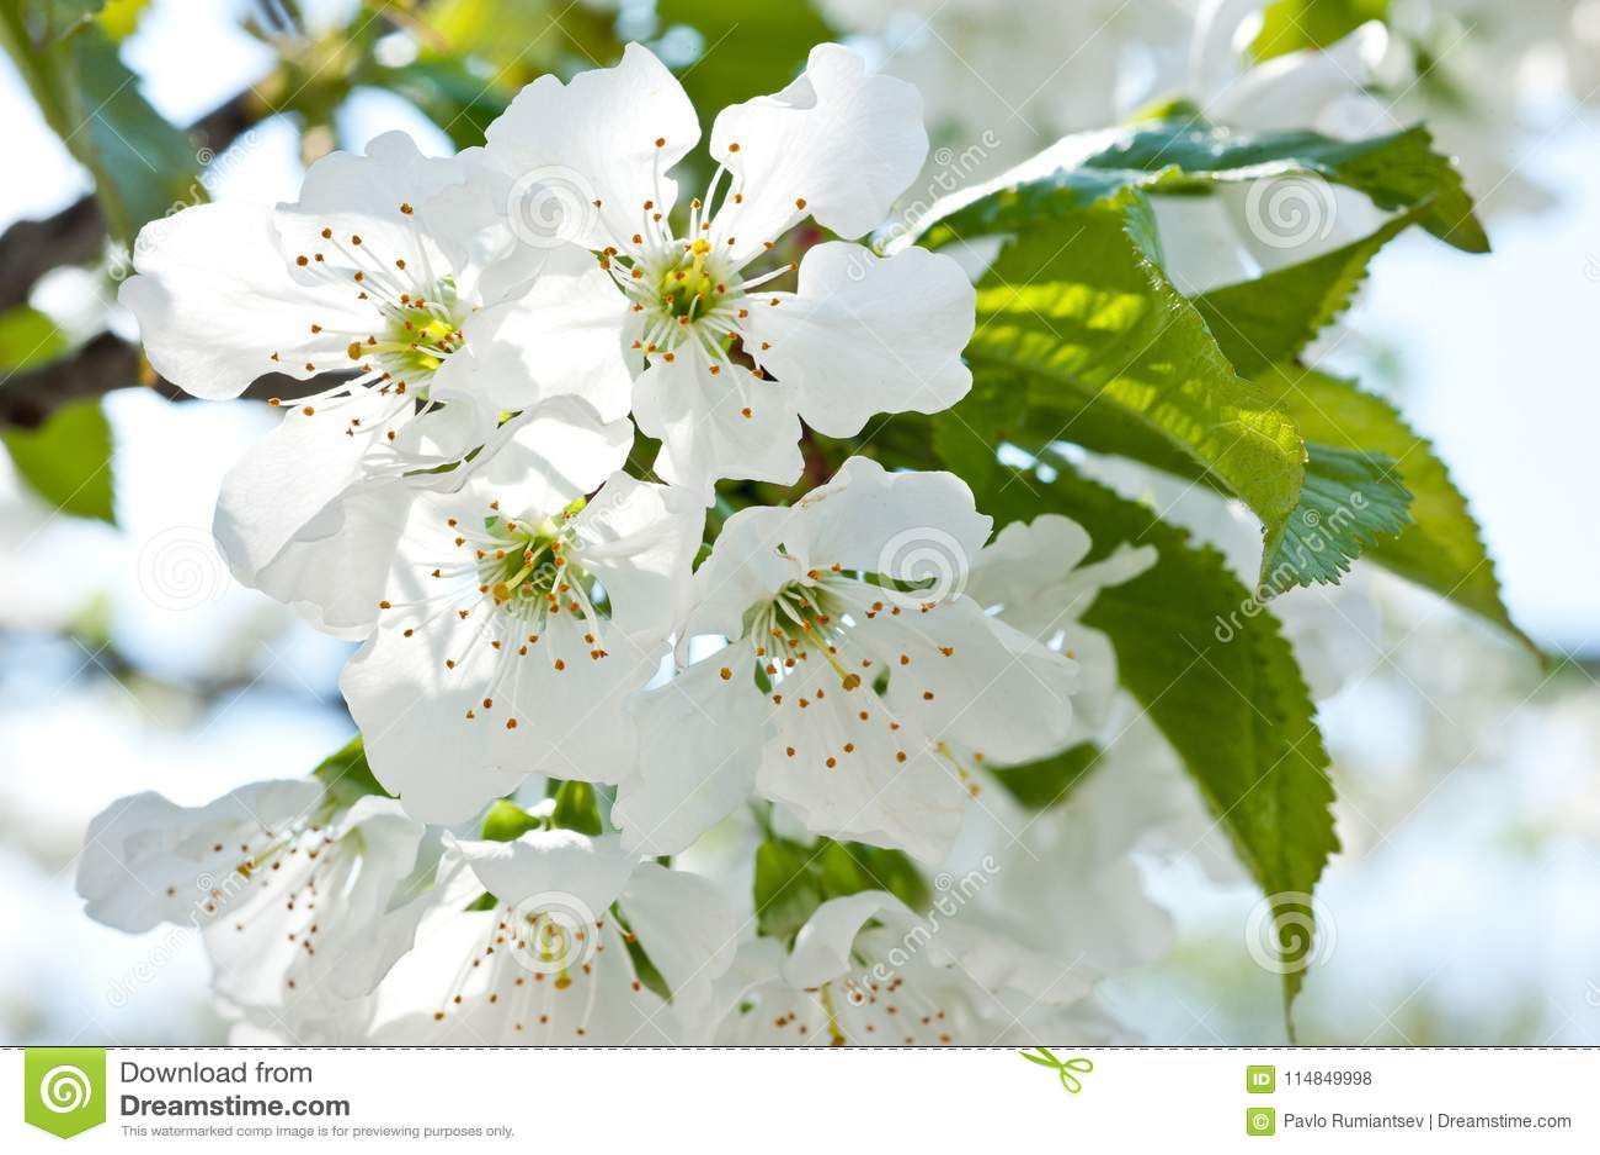 Een tak van bloeiende kers met tot bloei komende witte bloemen